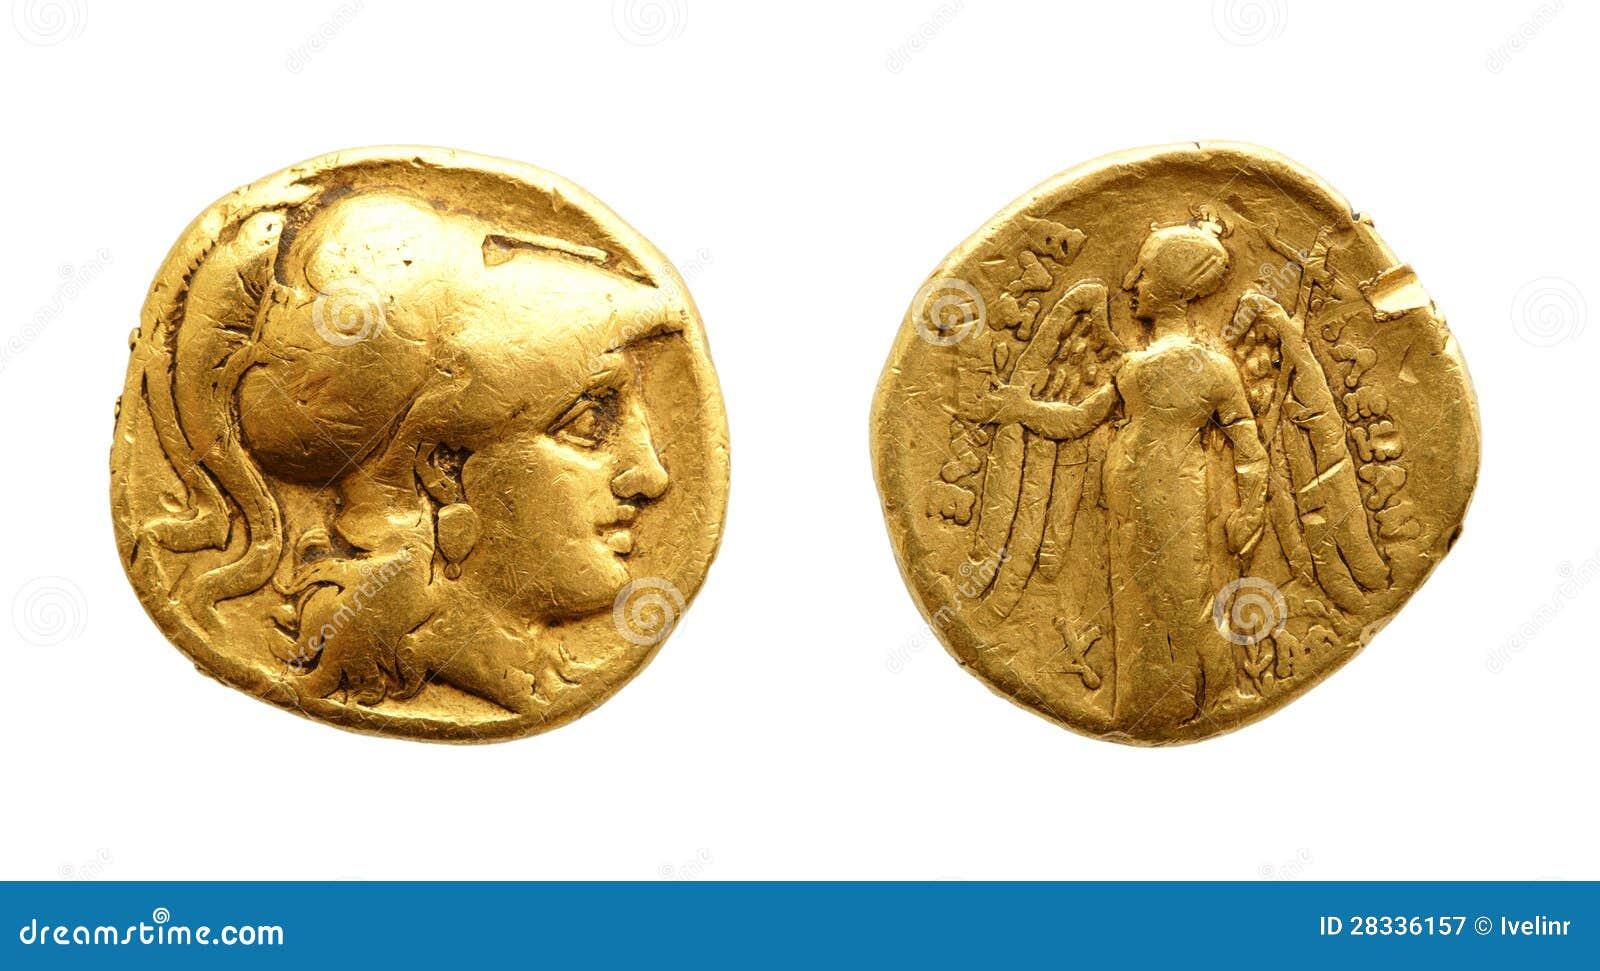 Moneta di oro antica